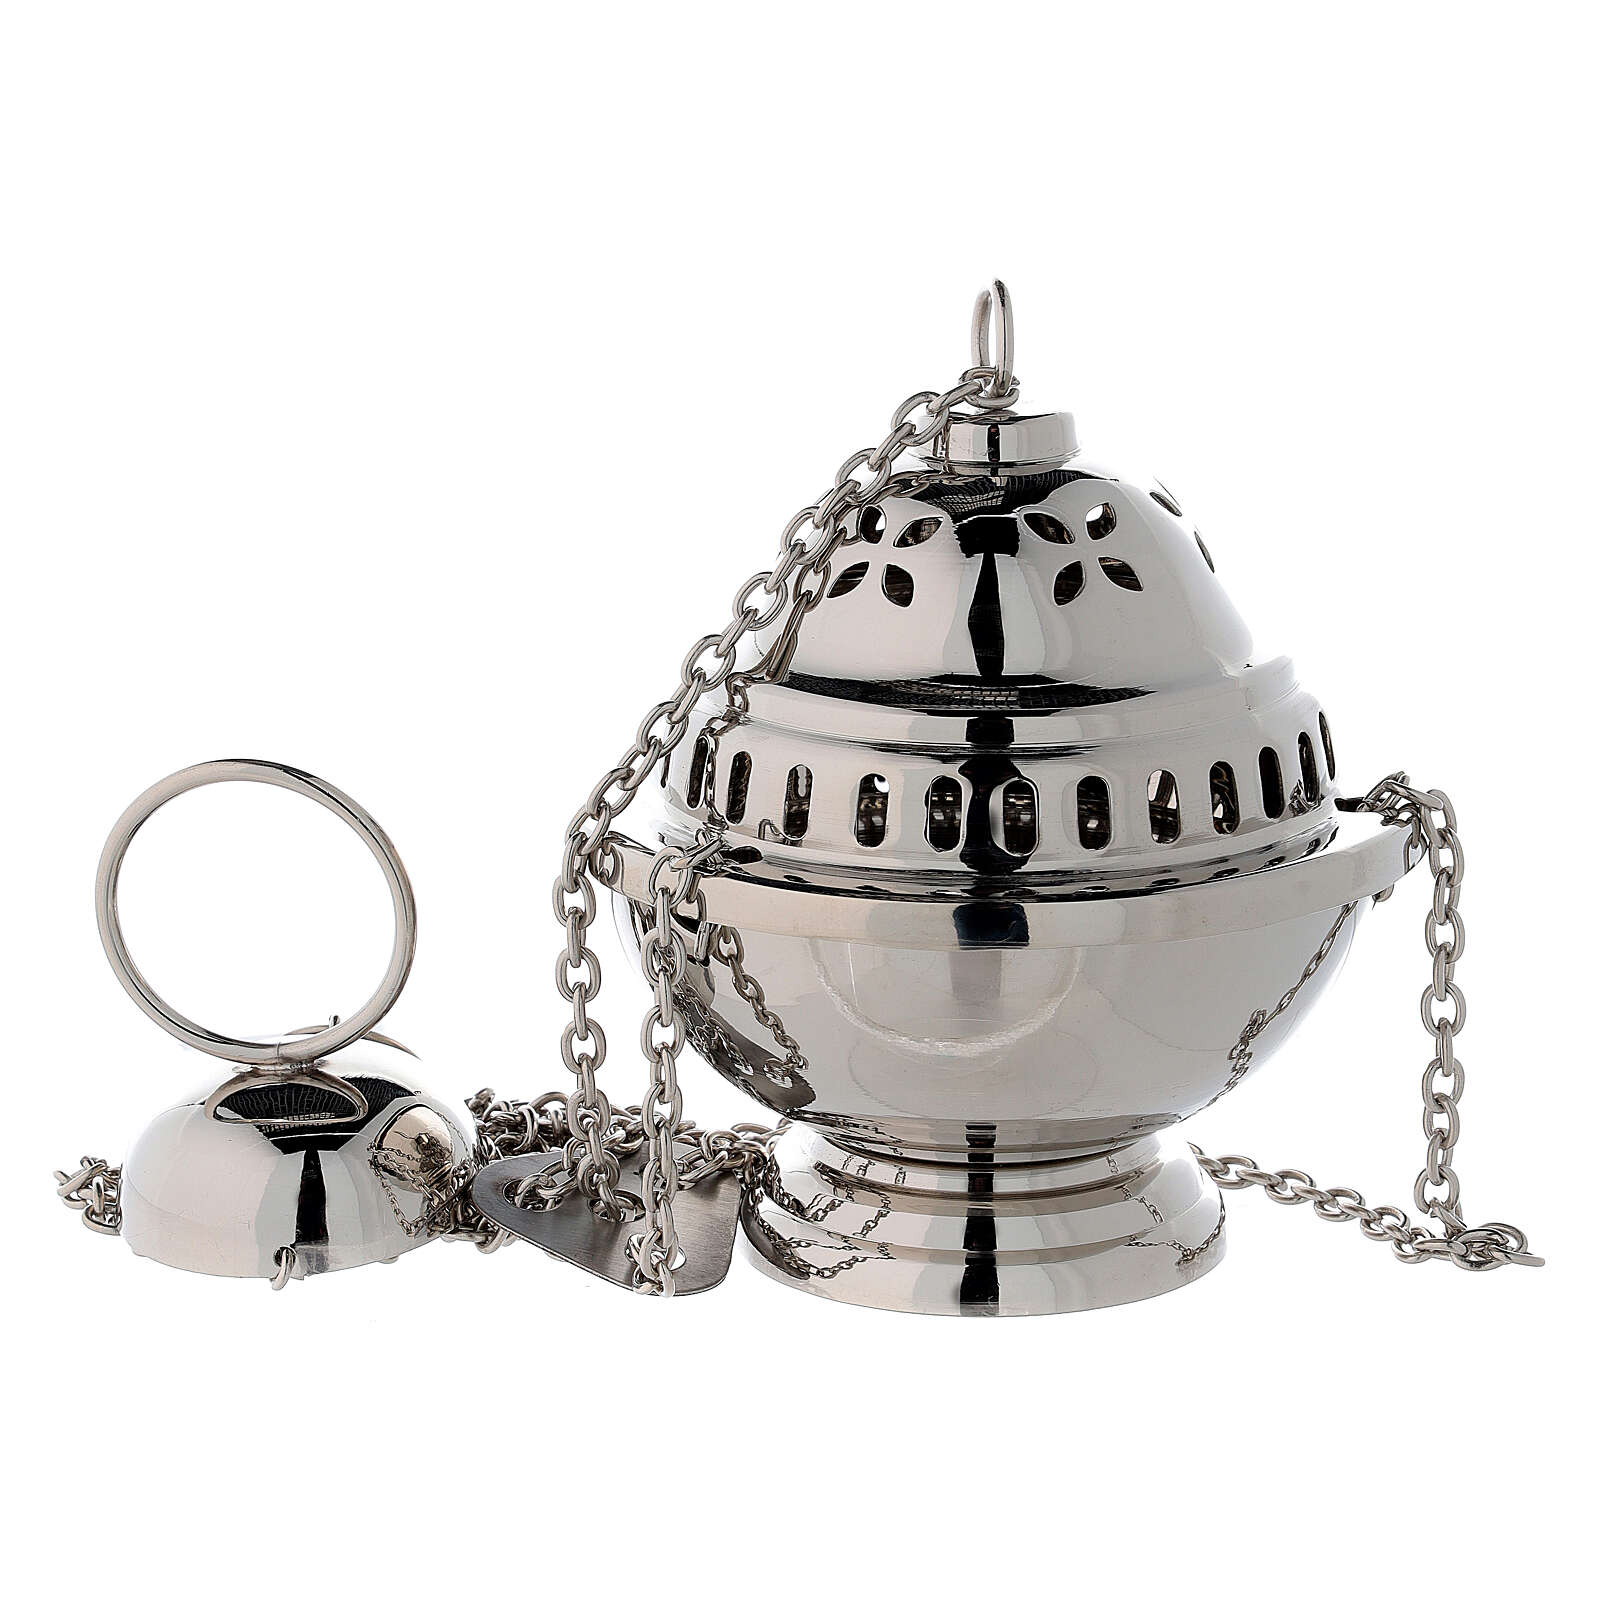 Turibolo sferico fori a petalo ottone nichelato h 14 cm 3